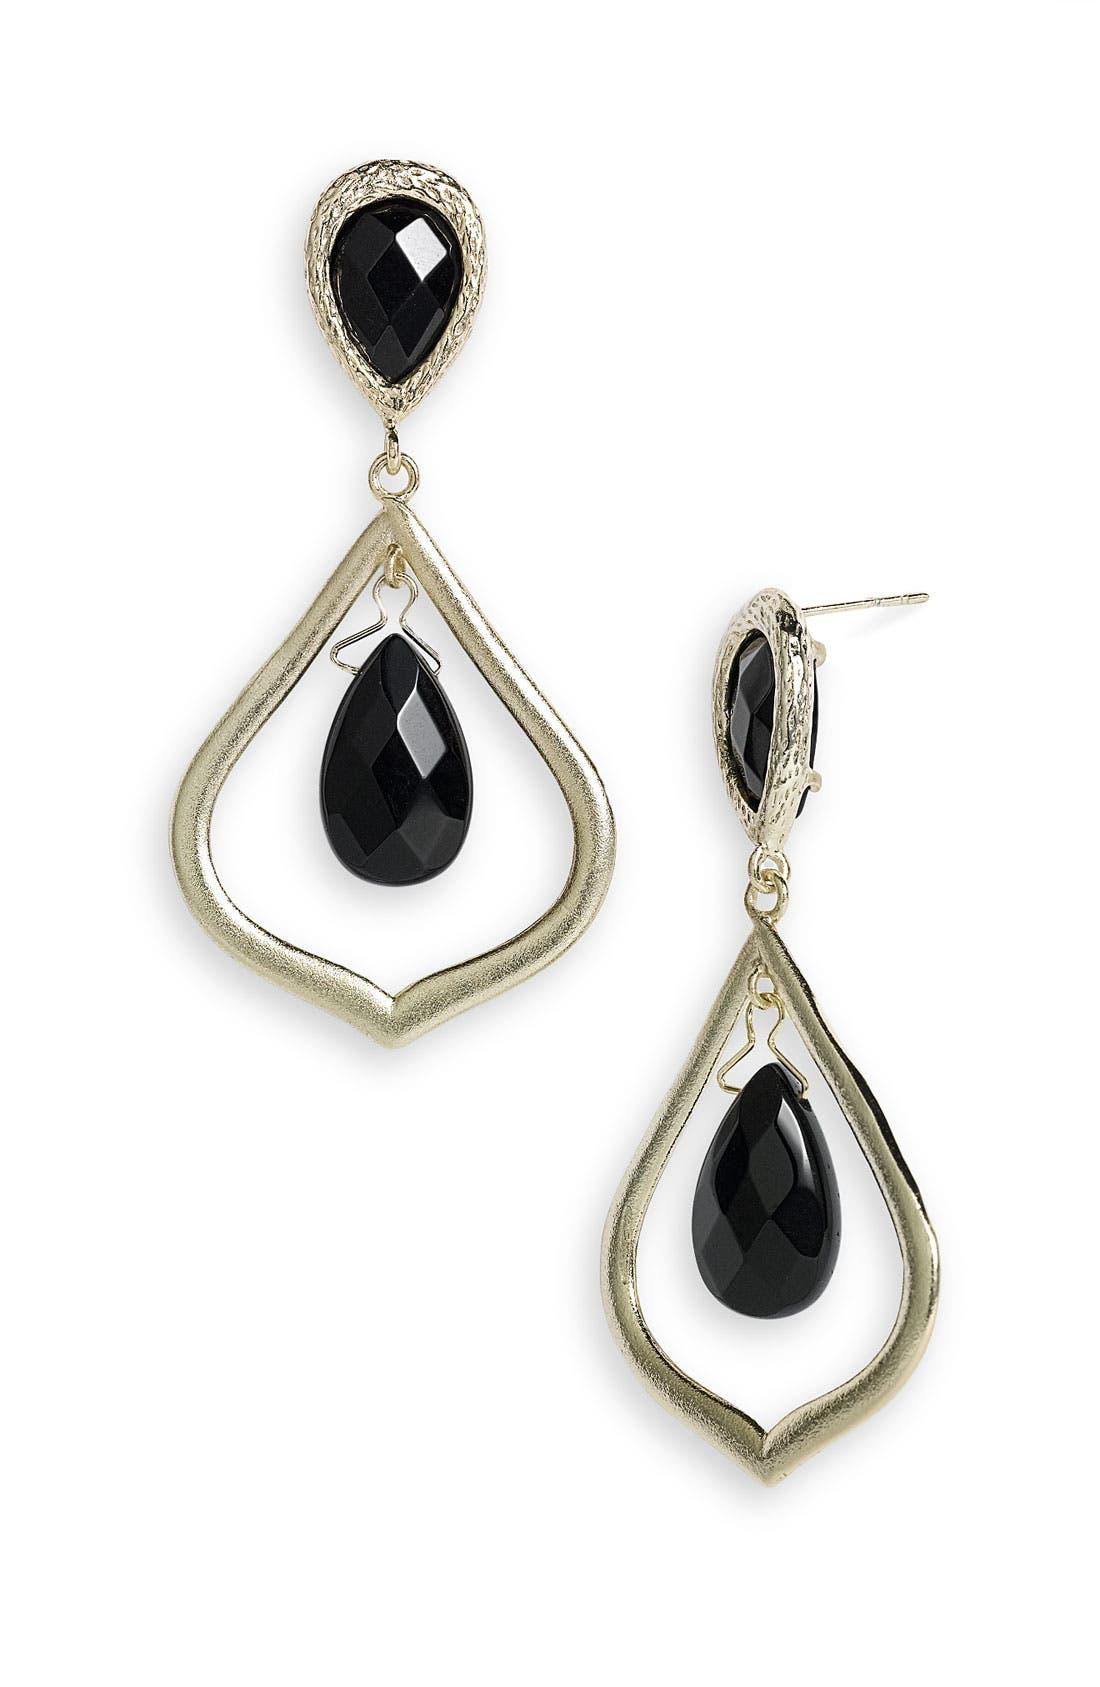 Main Image - Kendra Scott 'Ryanne' Open Teardrop Statement Earrings